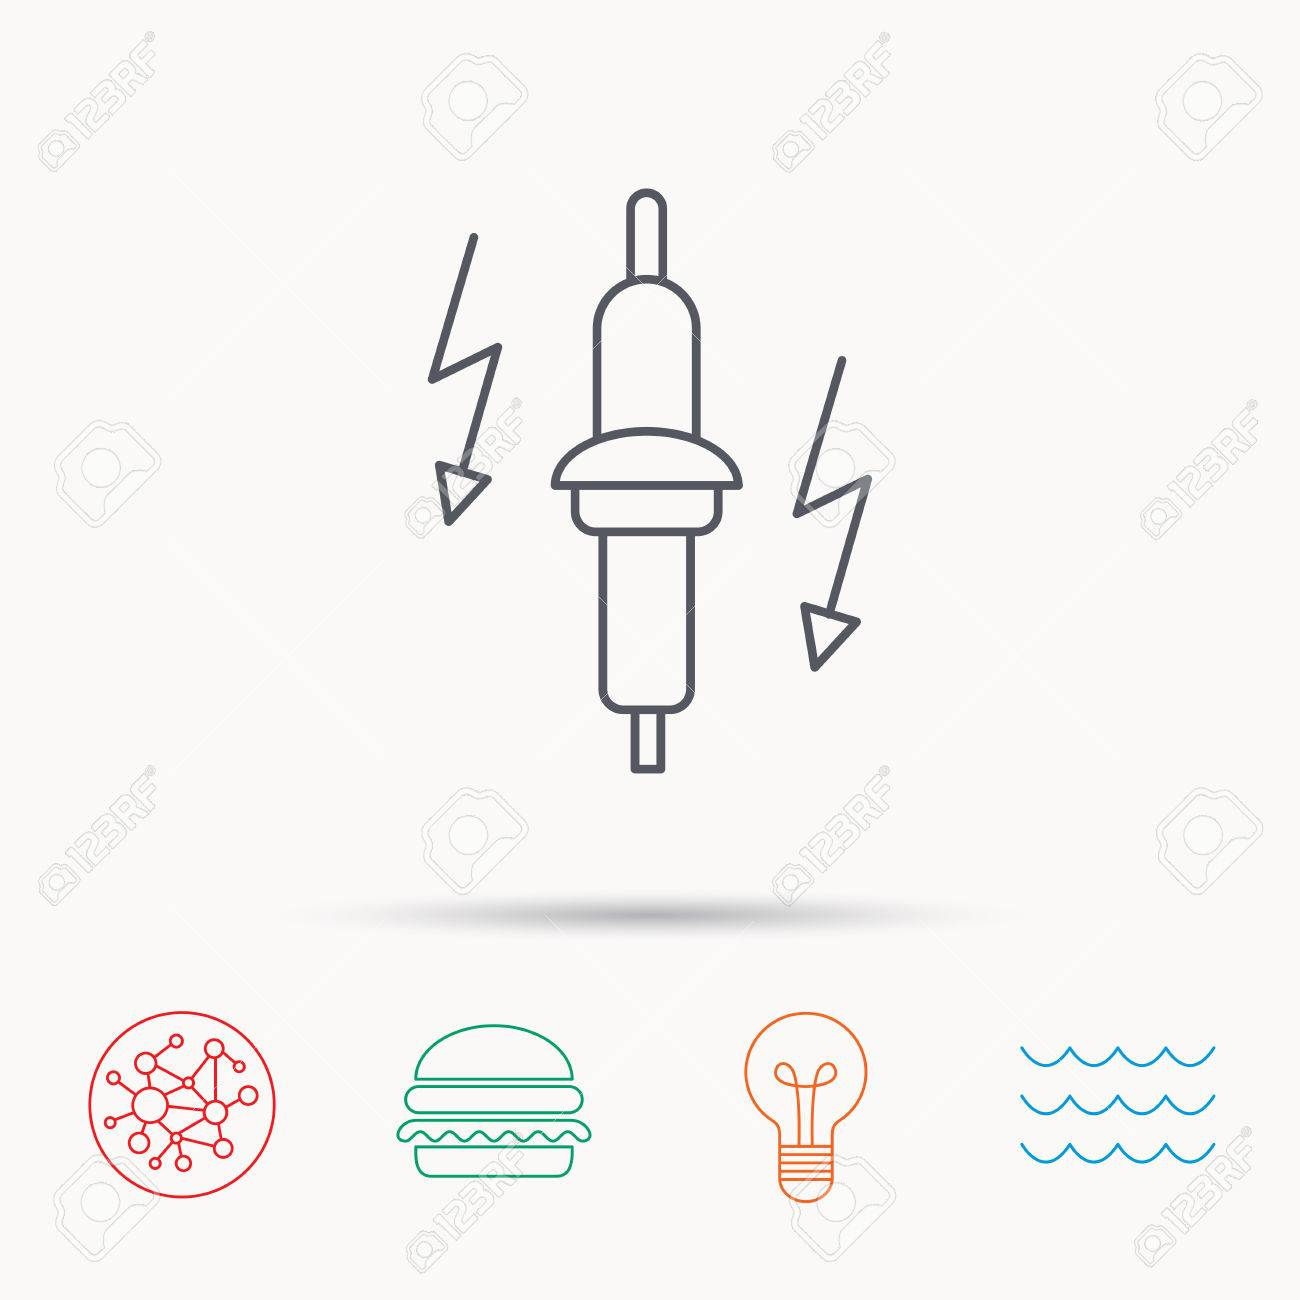 Großzügig Standard Elektrische Symbole Galerie - Der Schaltplan ...